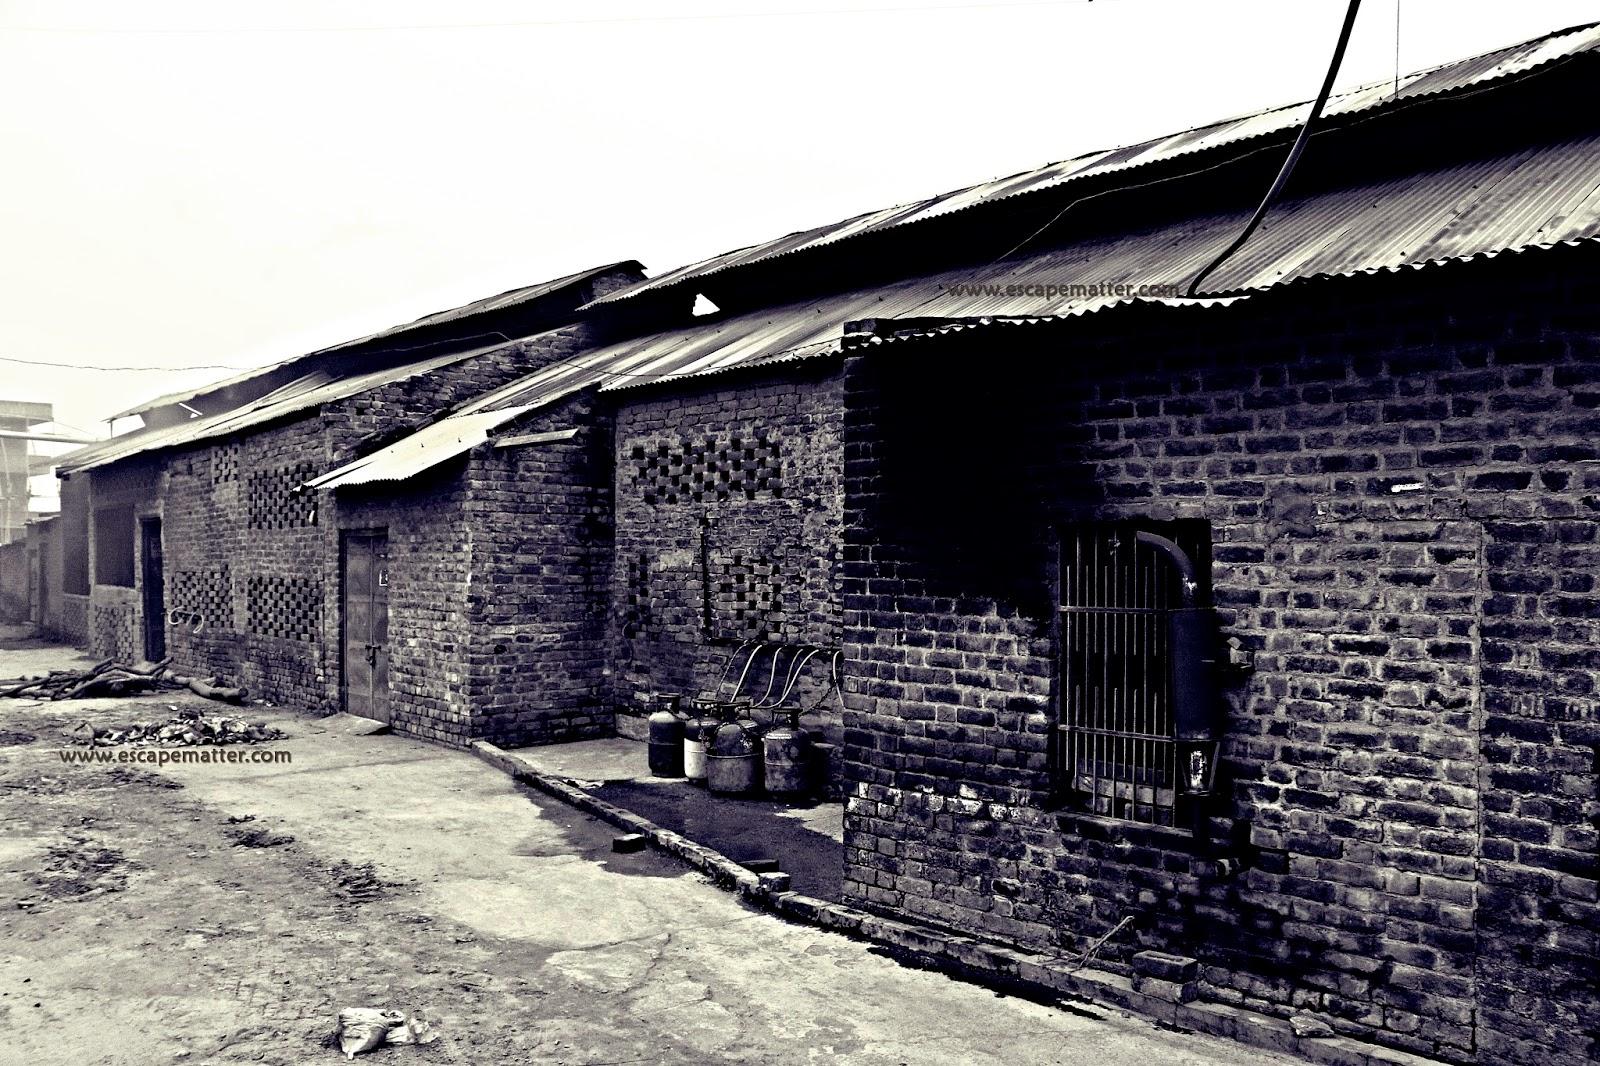 Gurudwara Baba Deep Singh Ji Saheed, National Highway 3, Solkhian, Punjab 140108